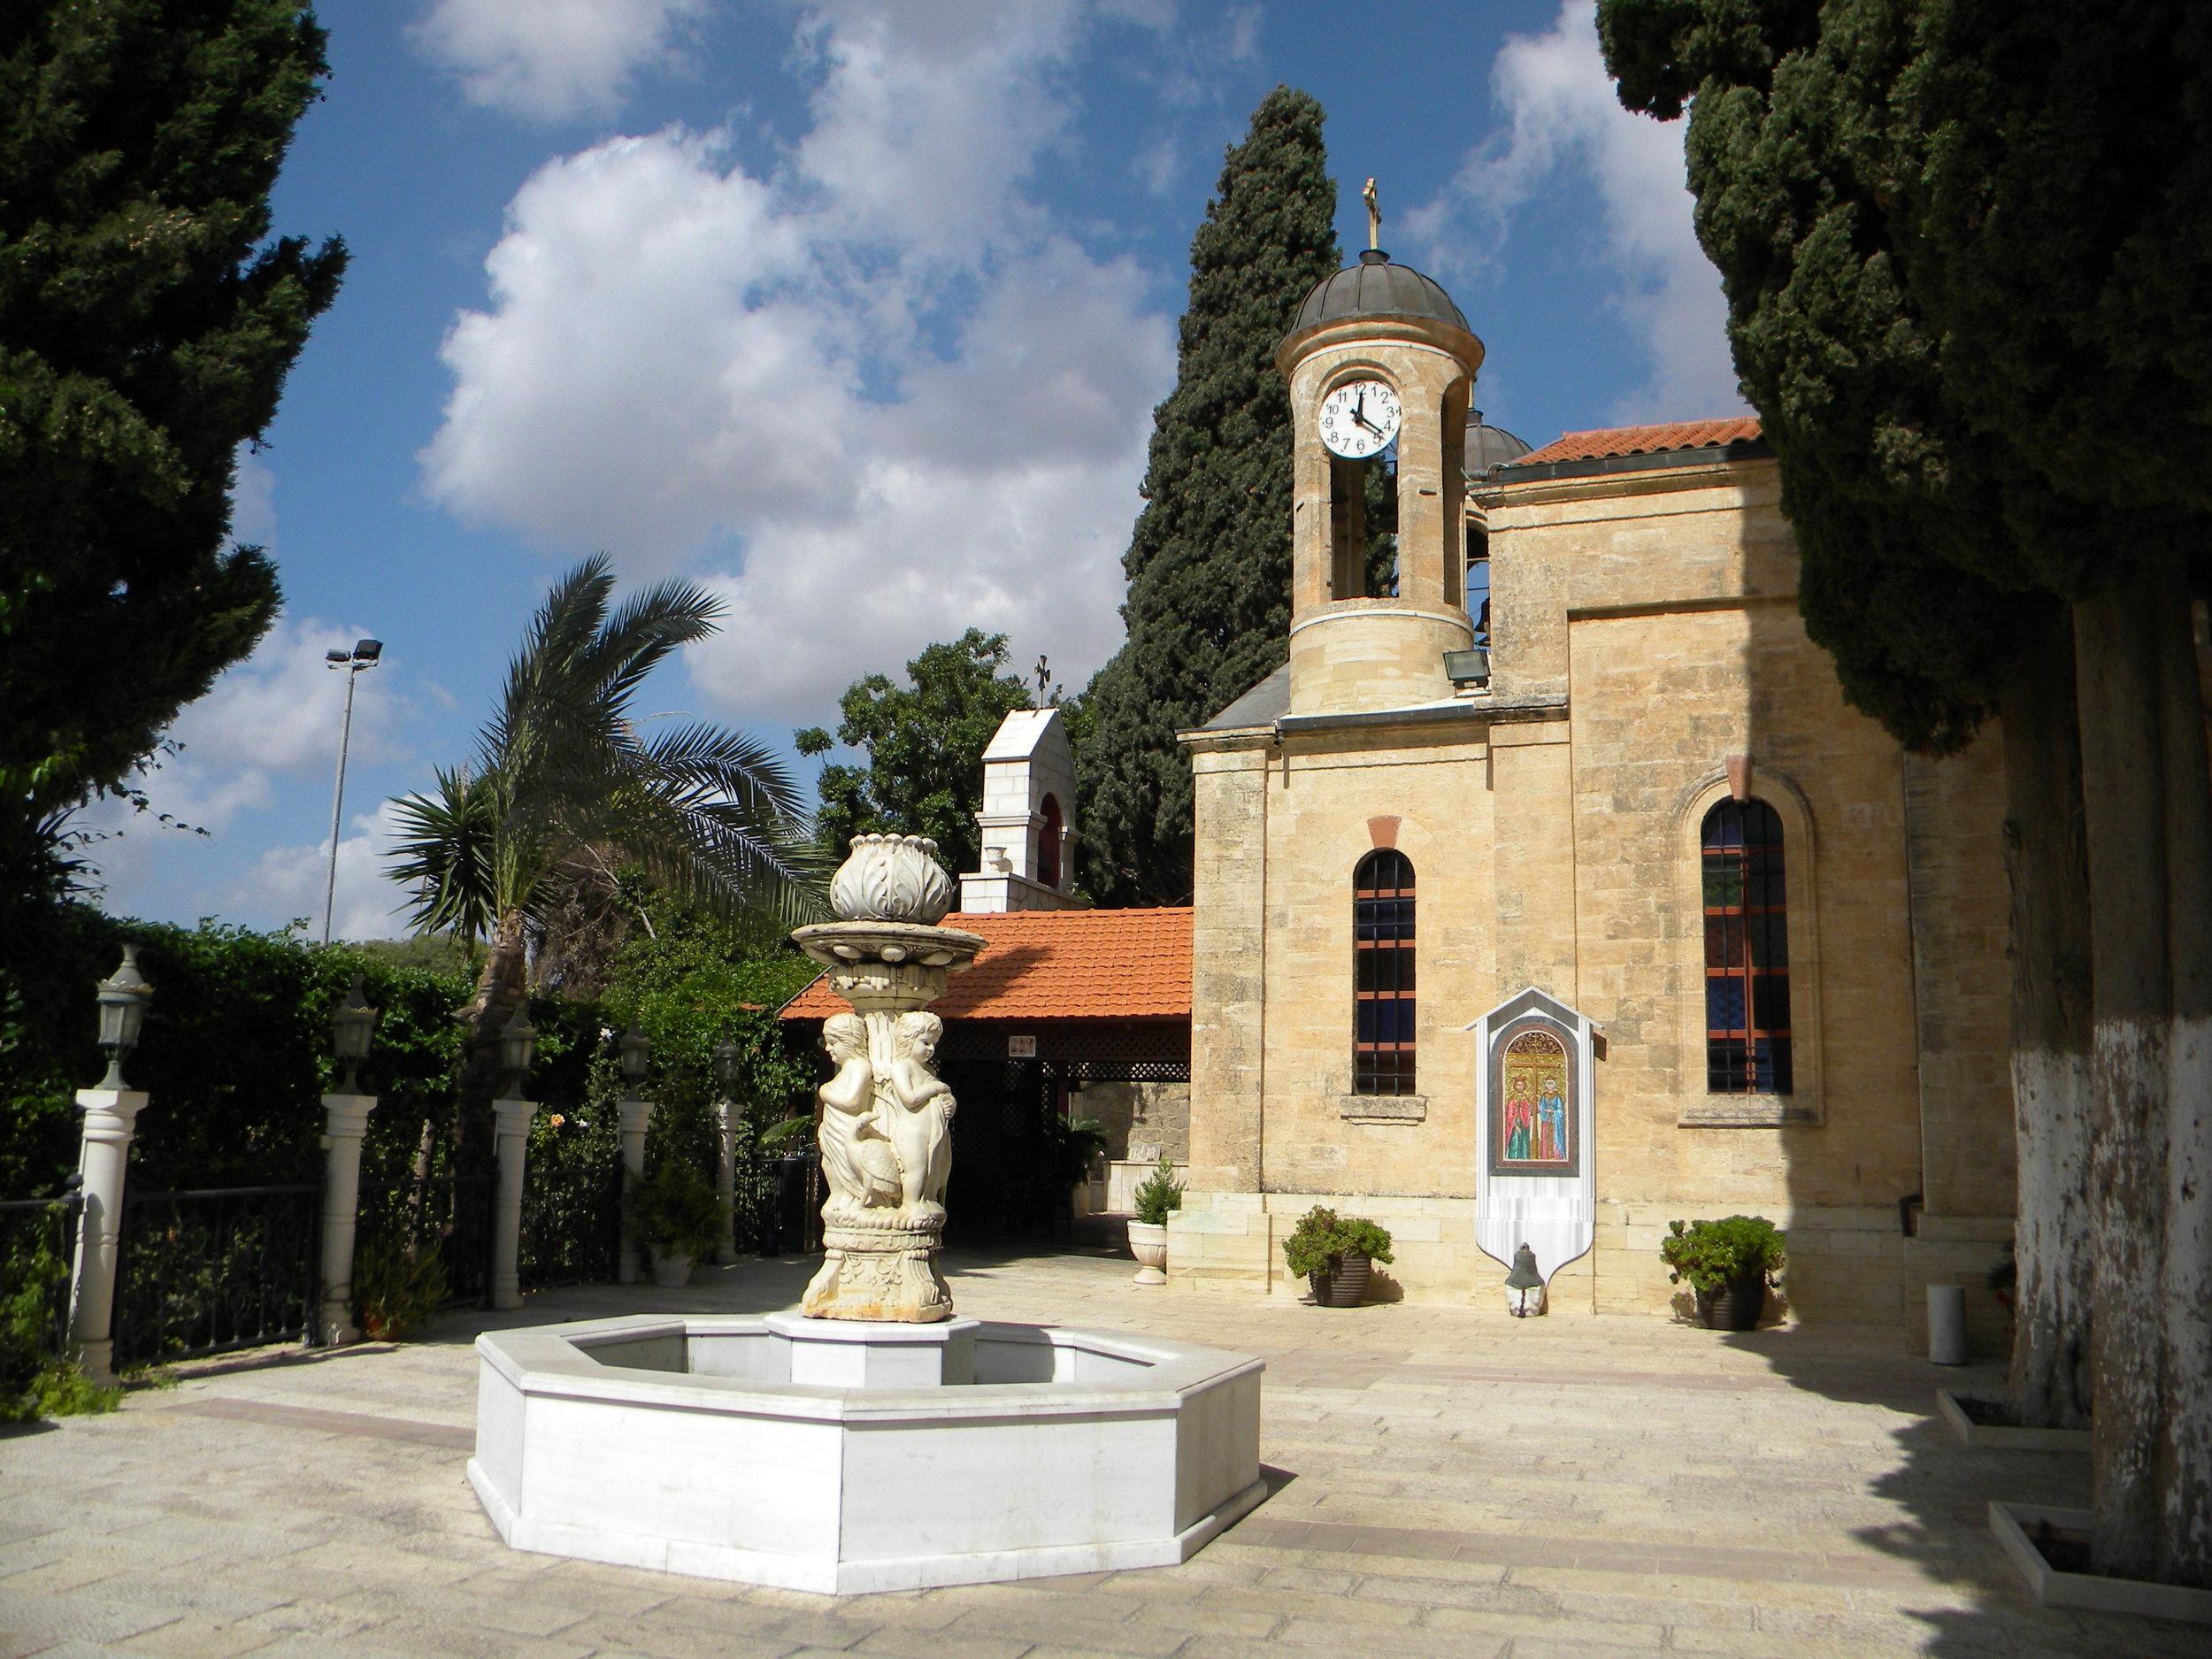 ISRAEL,_Cana_Galilei_(Kafr_Kanna)_(6).jpg